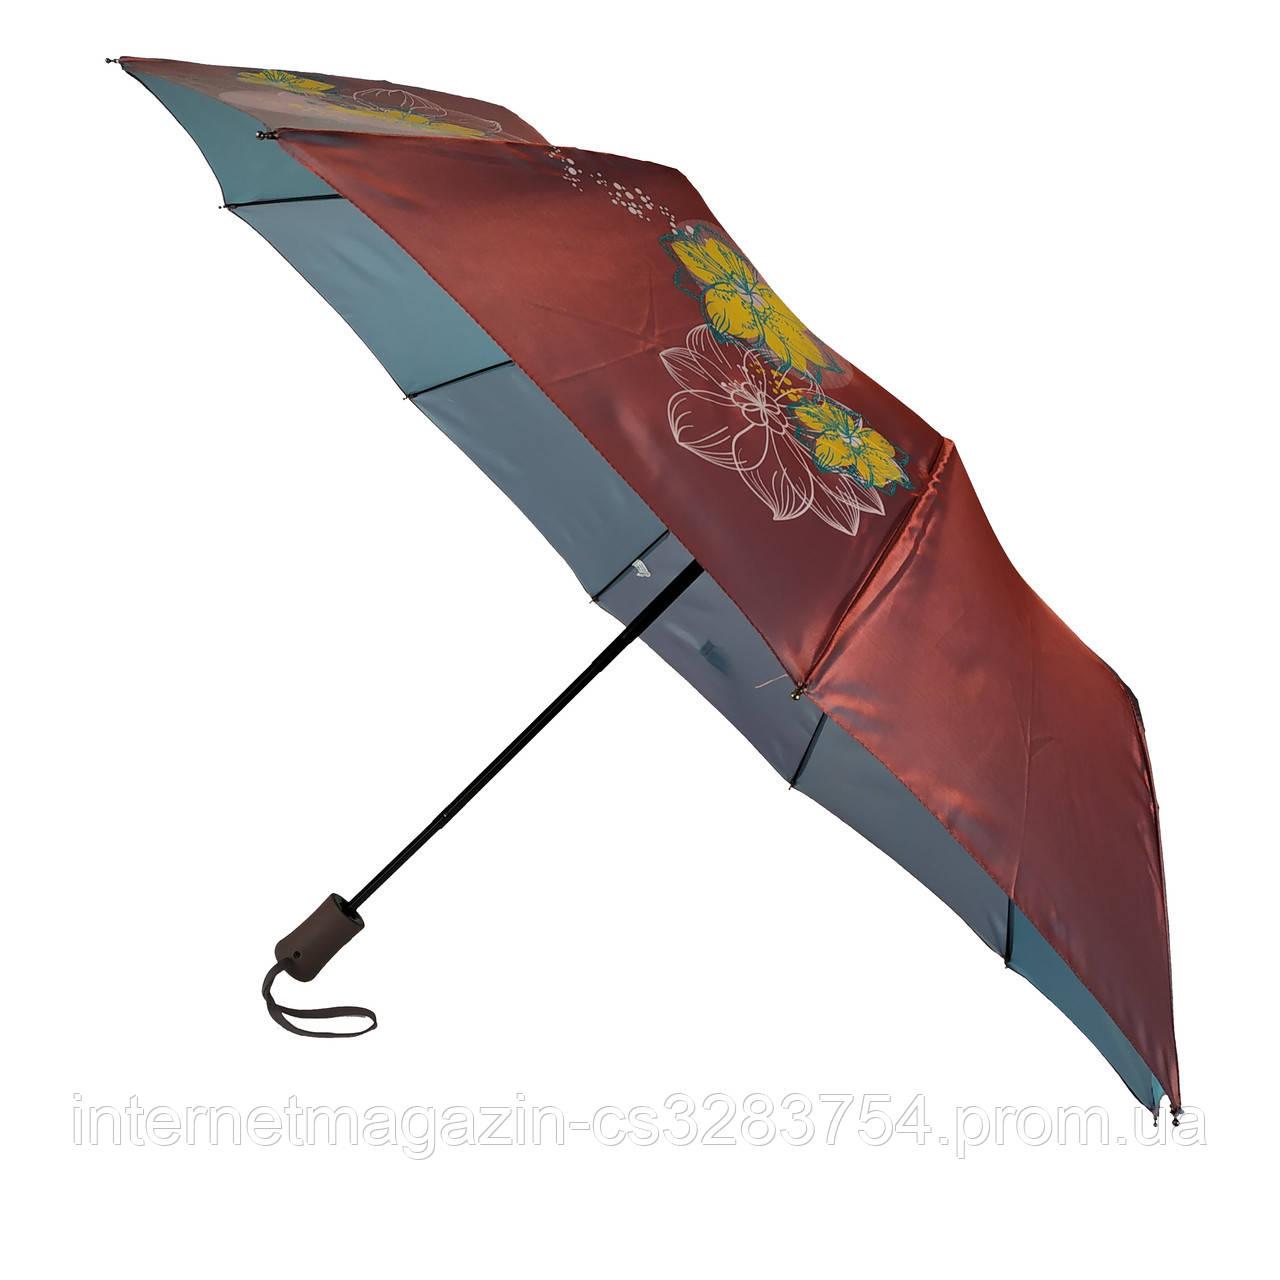 Женский зонт полуавтомат Max на 10 спиц с цветочным узором Бордовый (2018-8)